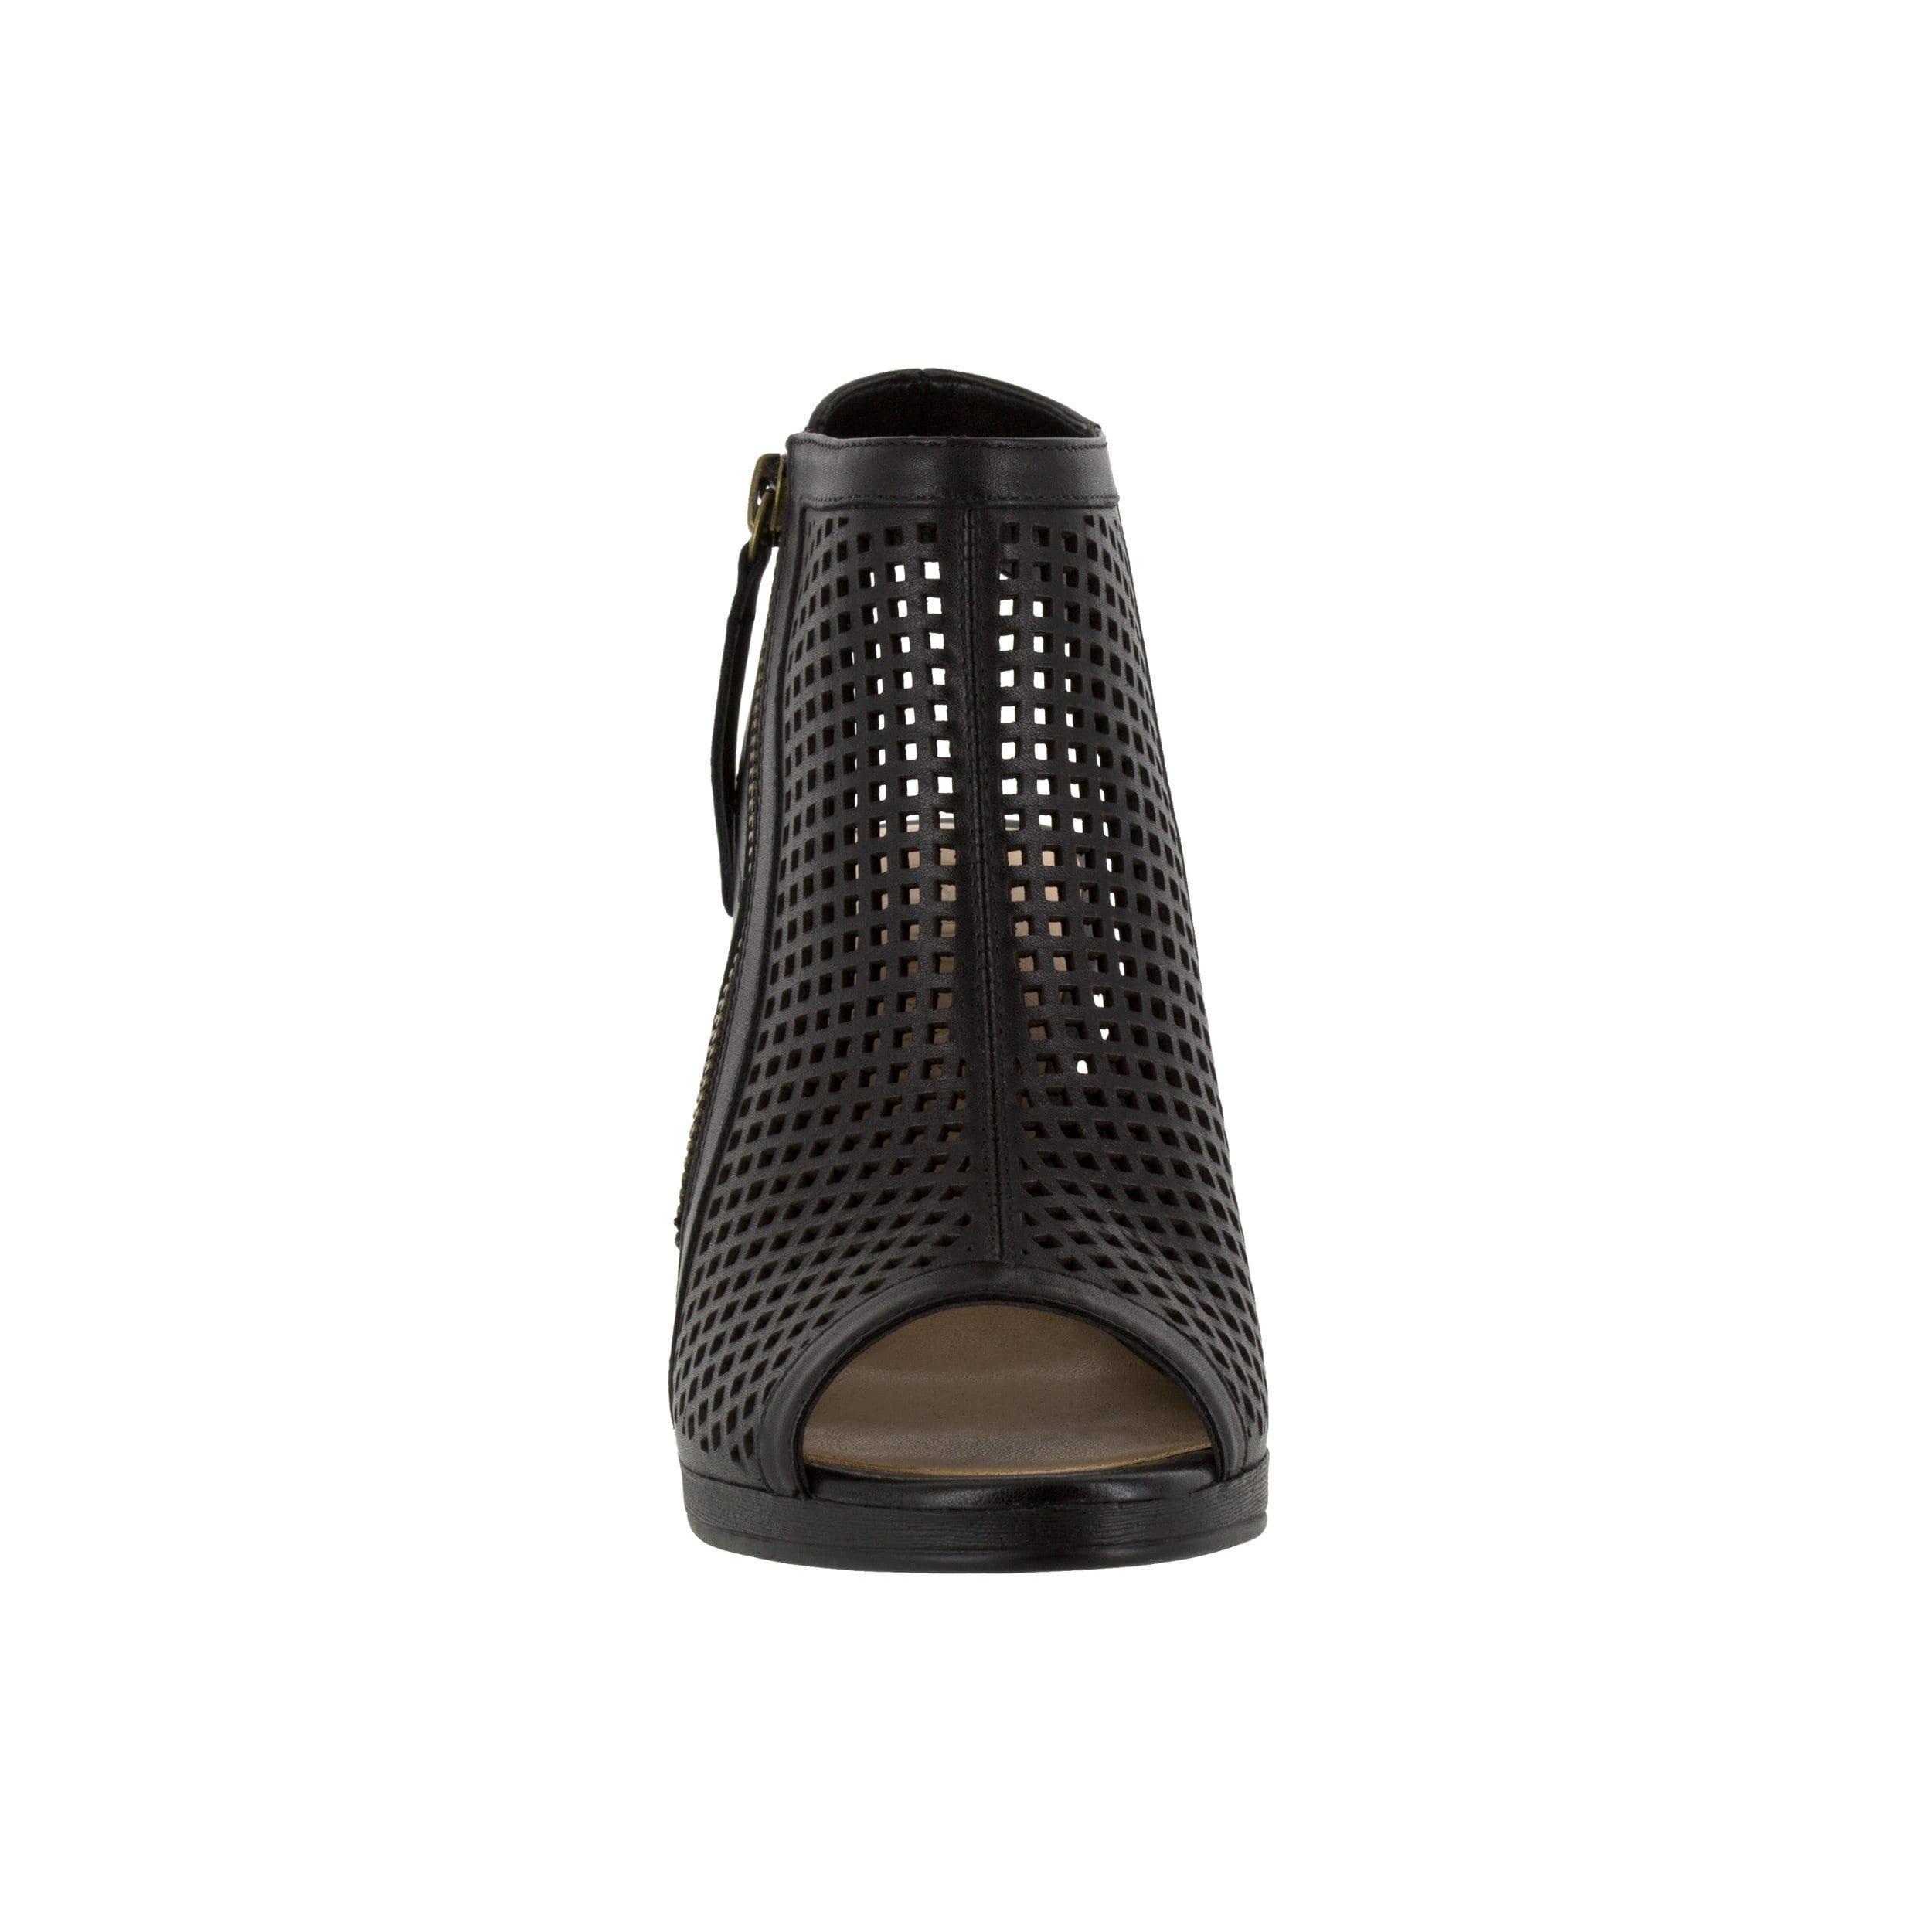 Bella Vita Lenore Women's Black Sandals by Overstock